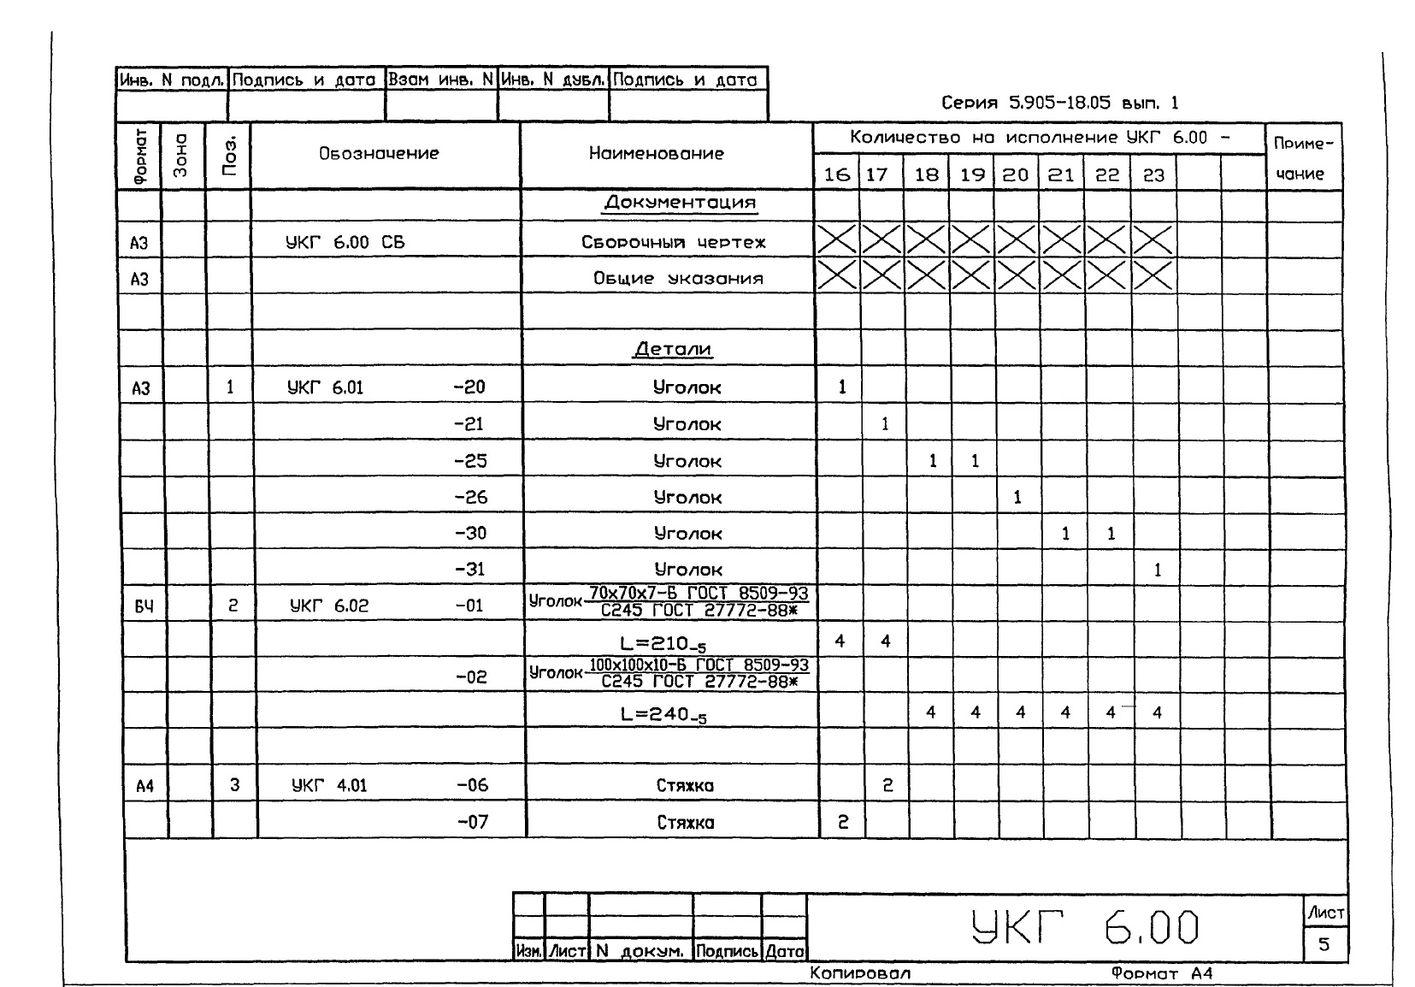 Крепление вертикального газопровода Ду 50...500 мм к железобетонной колонне УКГ 6.00 СБ серия 5.905-18.05 выпуск 1 стр.6